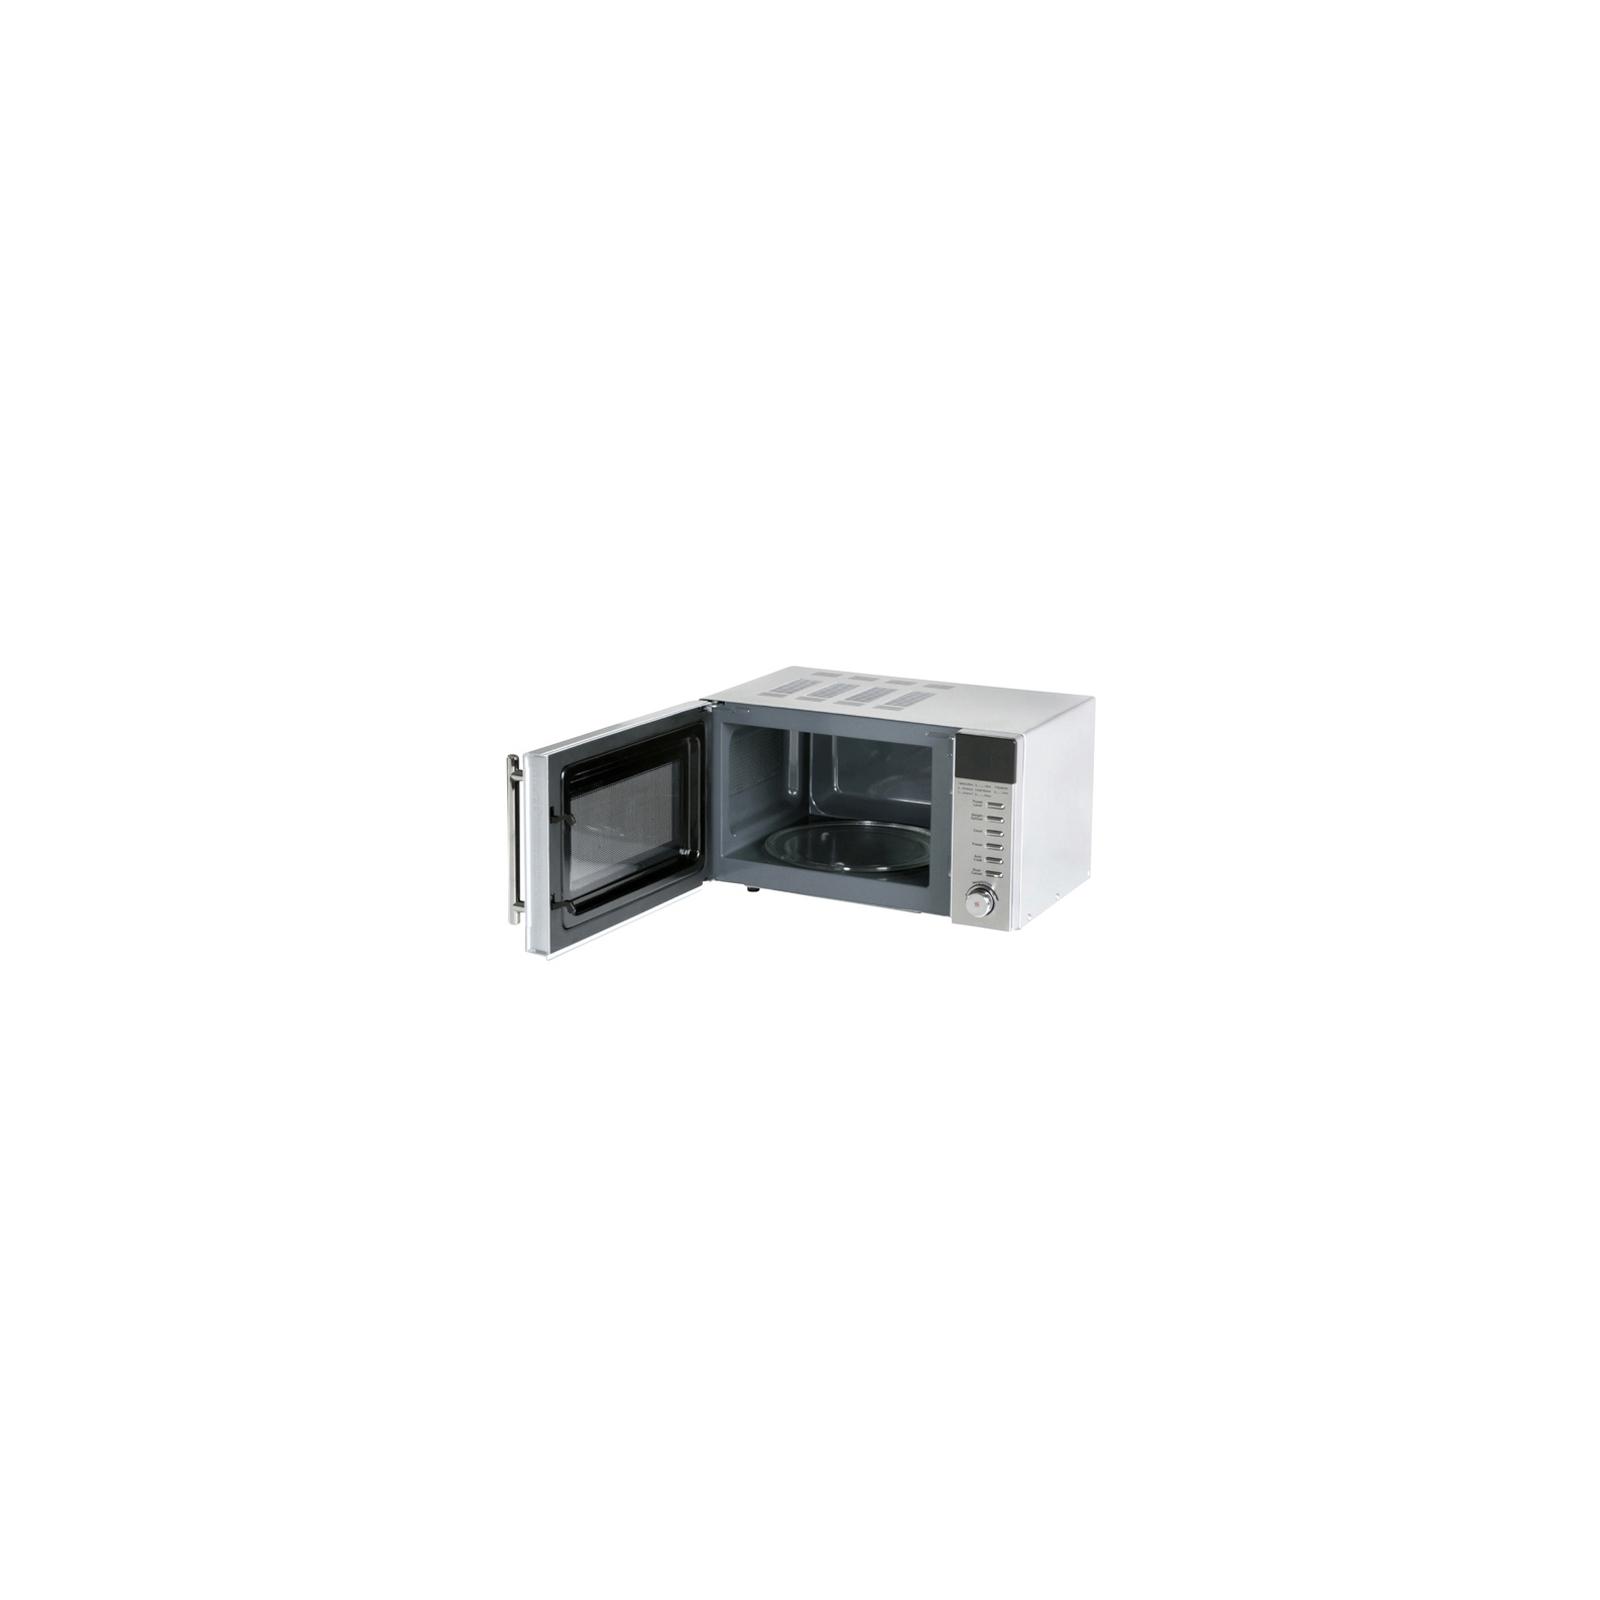 Микроволновая печь Gorenje MO17DE изображение 3